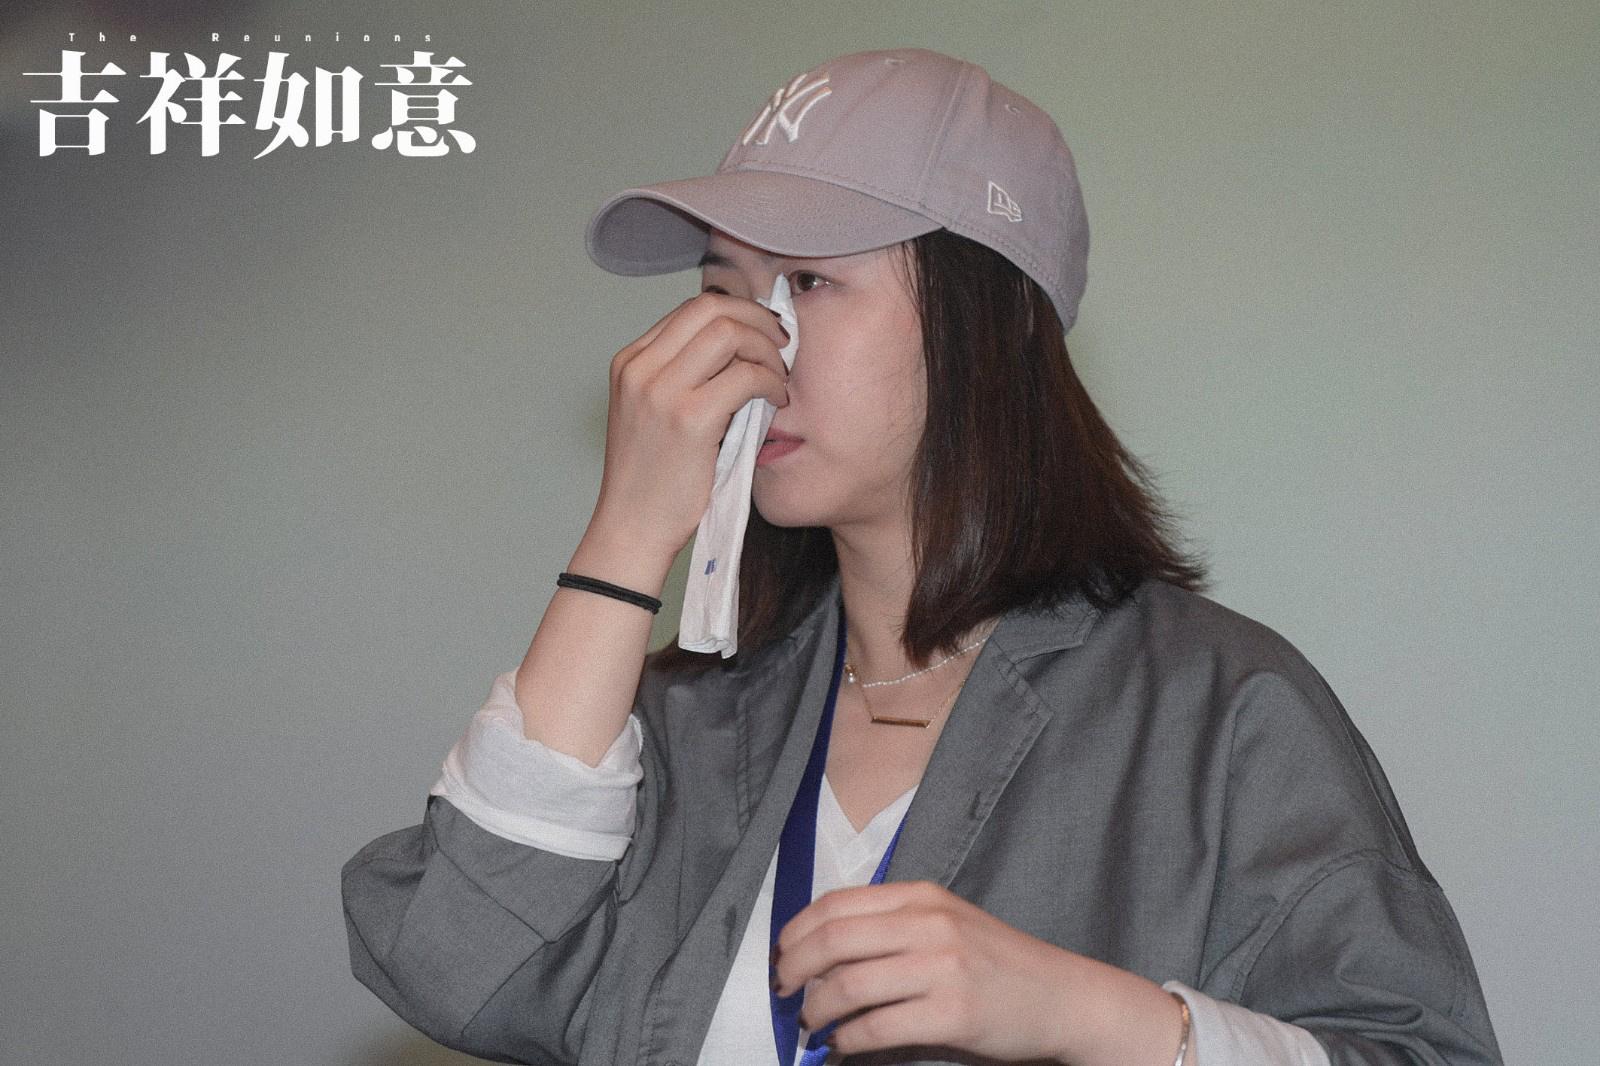 大鹏《吉祥如意》北影节展映 探讨中国家庭引共鸣